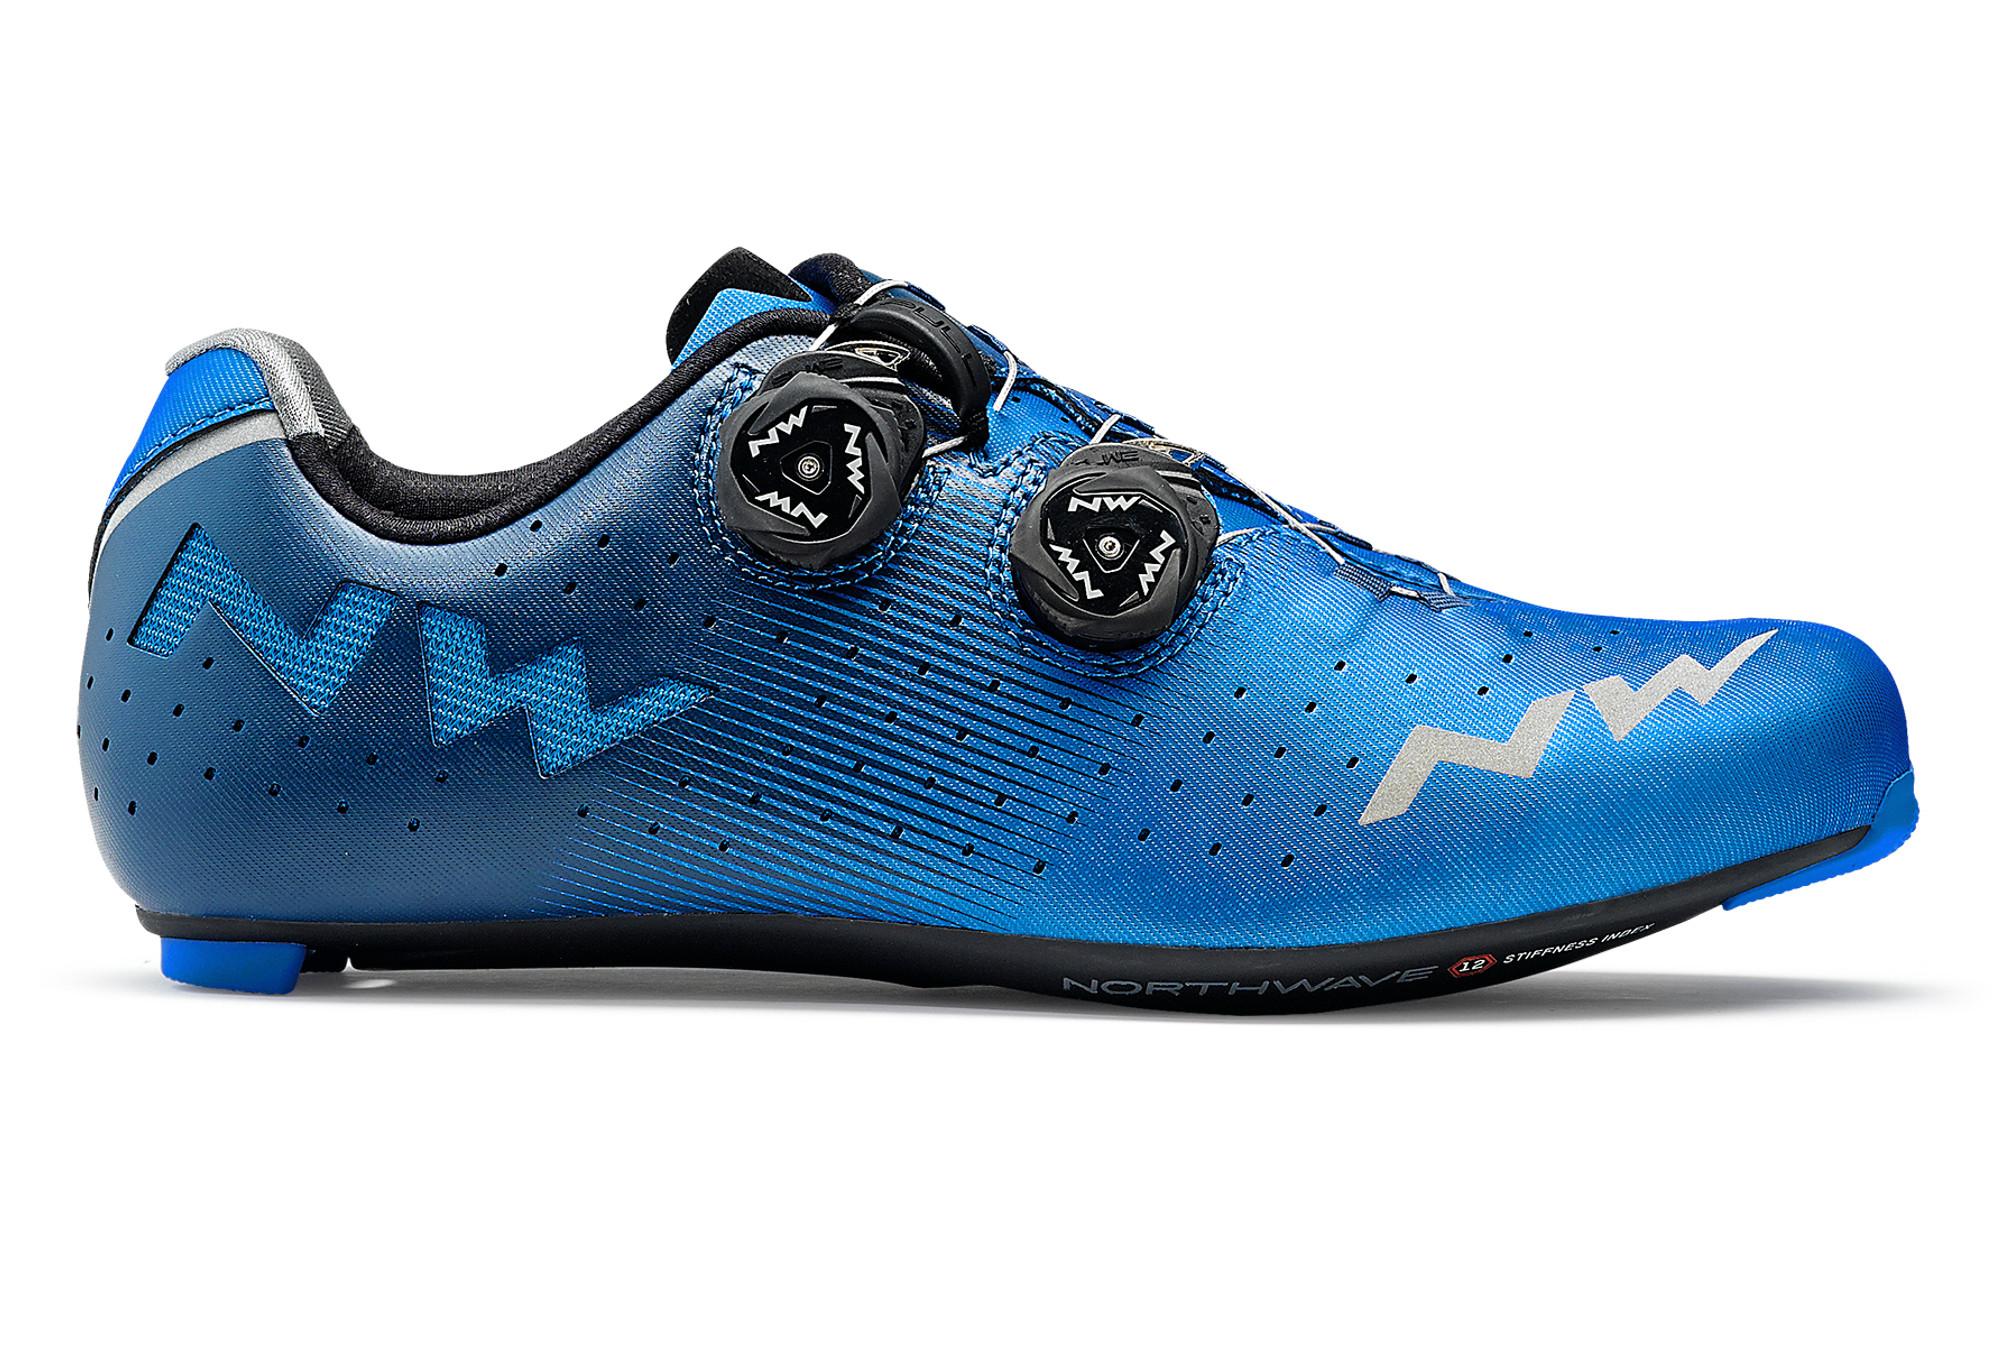 Moyeu Bleu Bas De Chaussures De Sport 9NjP1gIdoz